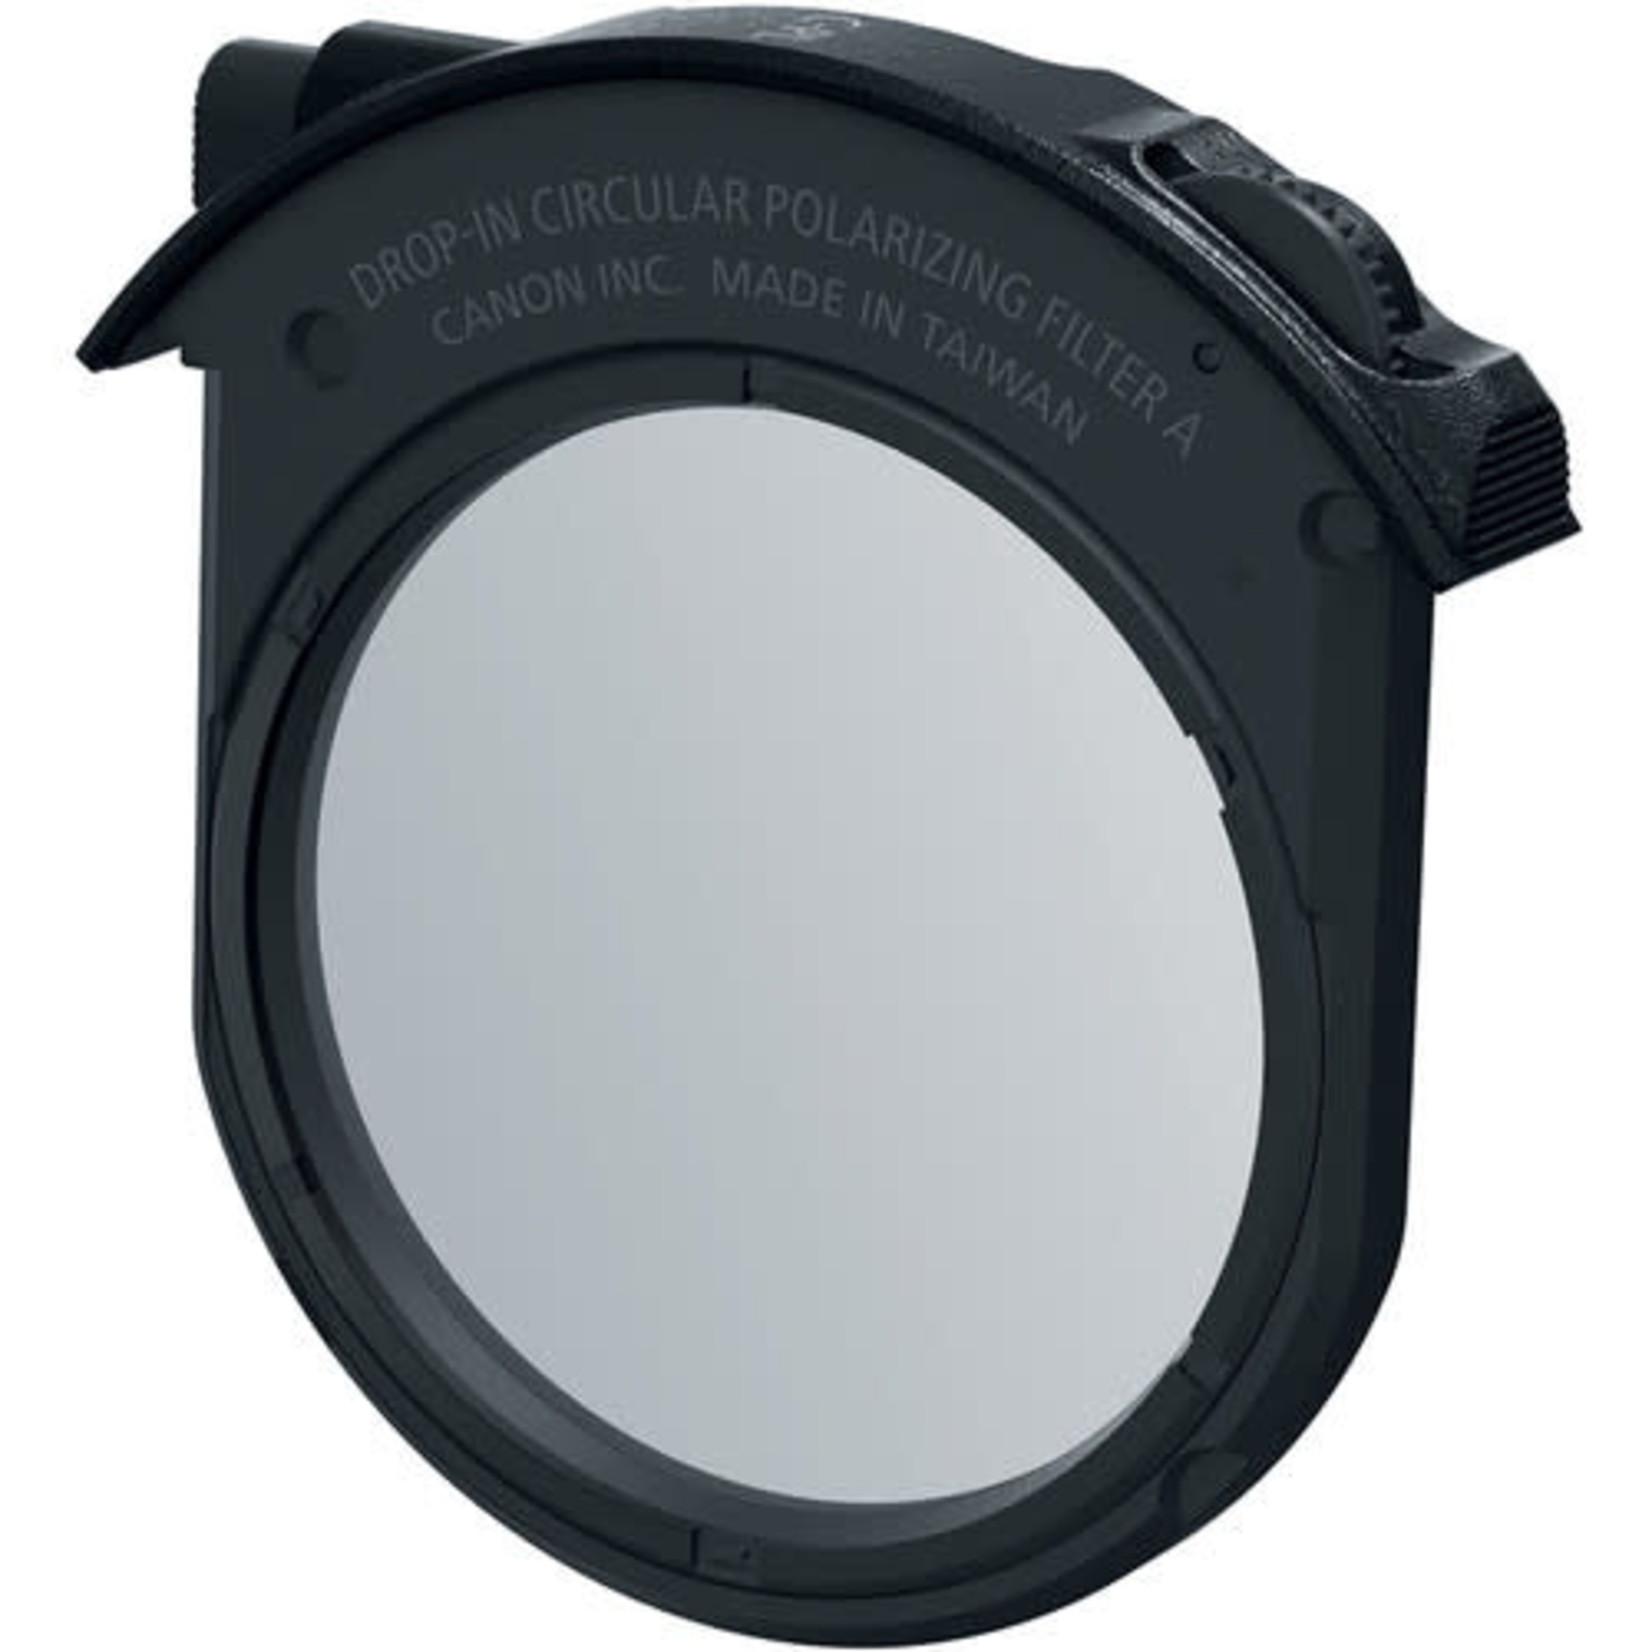 Canon Canon Drop-In Circular Polarizing Filter A